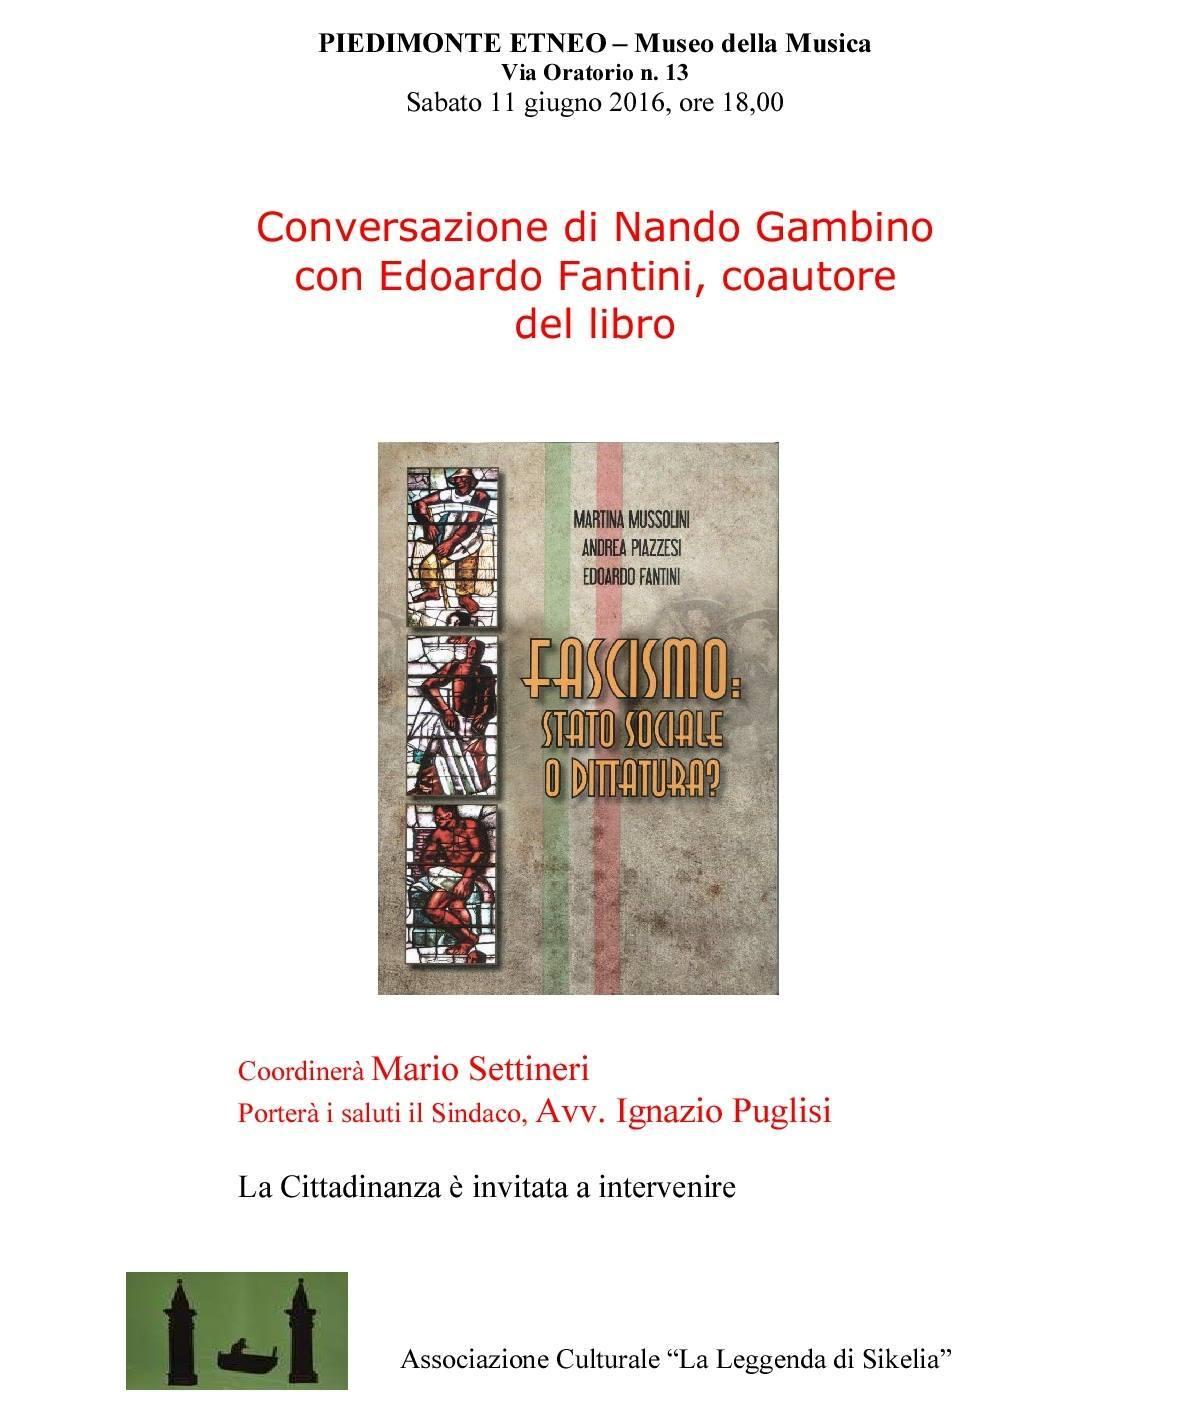 Incontro culturale a Piedimonte Etneo (CT)